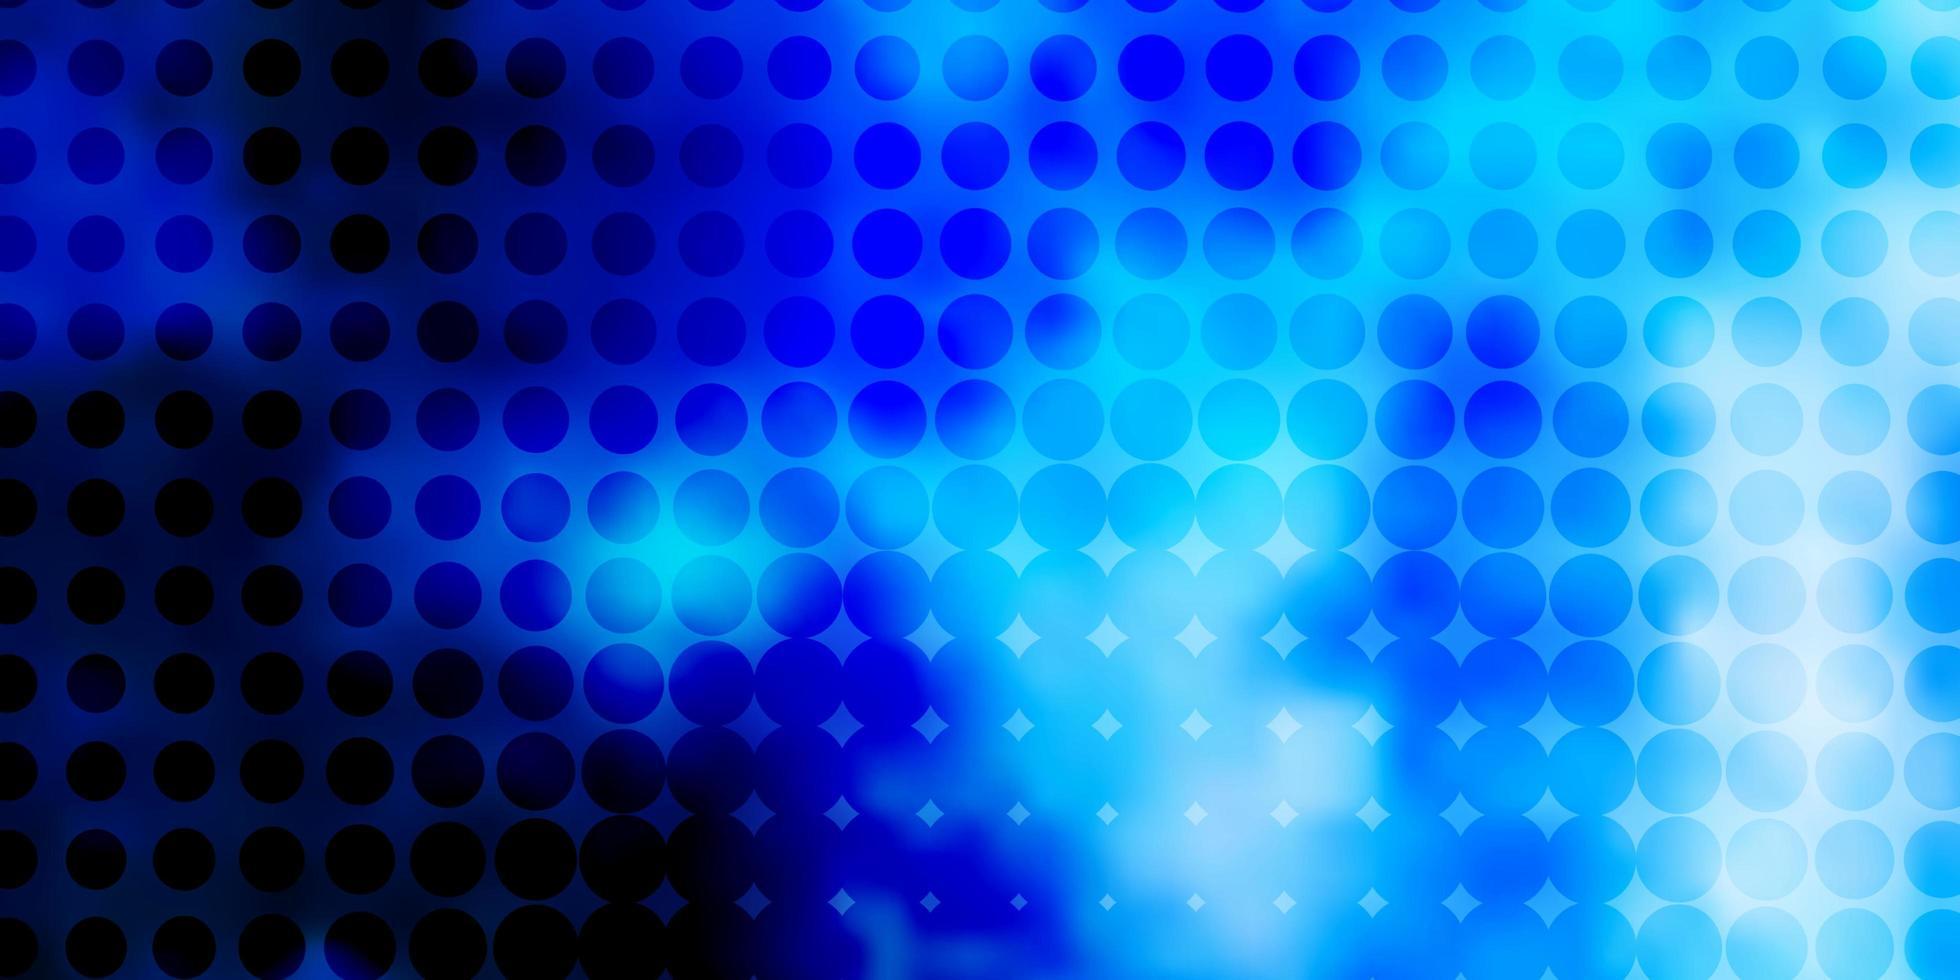 sfondo vettoriale azzurro con puntini